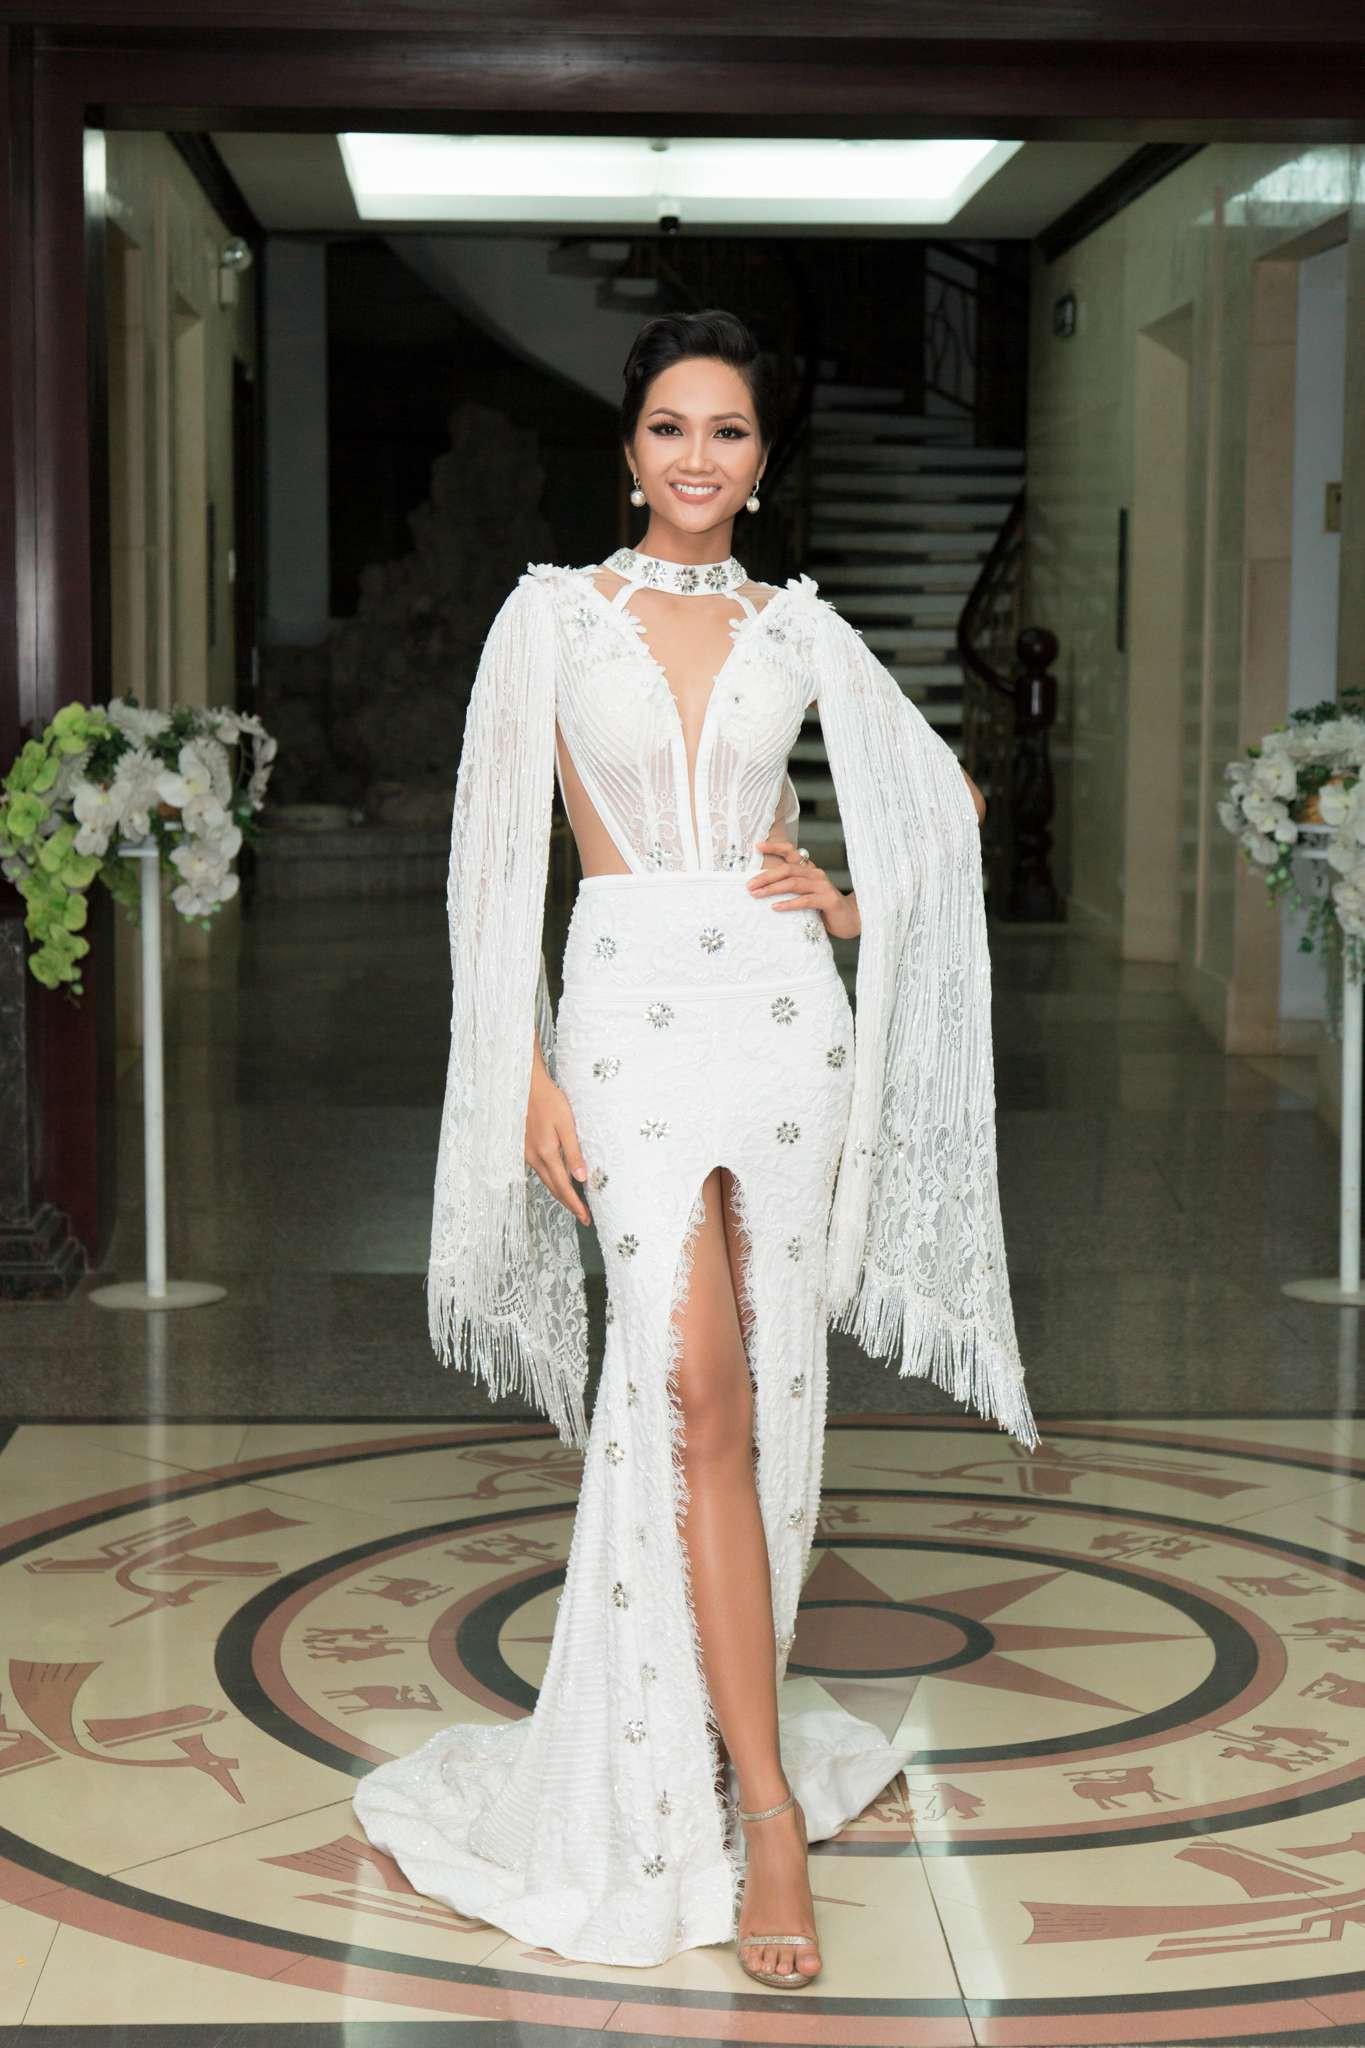 Thương hiệu váy cưới nước ngoài tố NTK Việt đạo nhái, nhưng tội nhất là HHen Niê khi bị lôi vào lùm xùm này-4